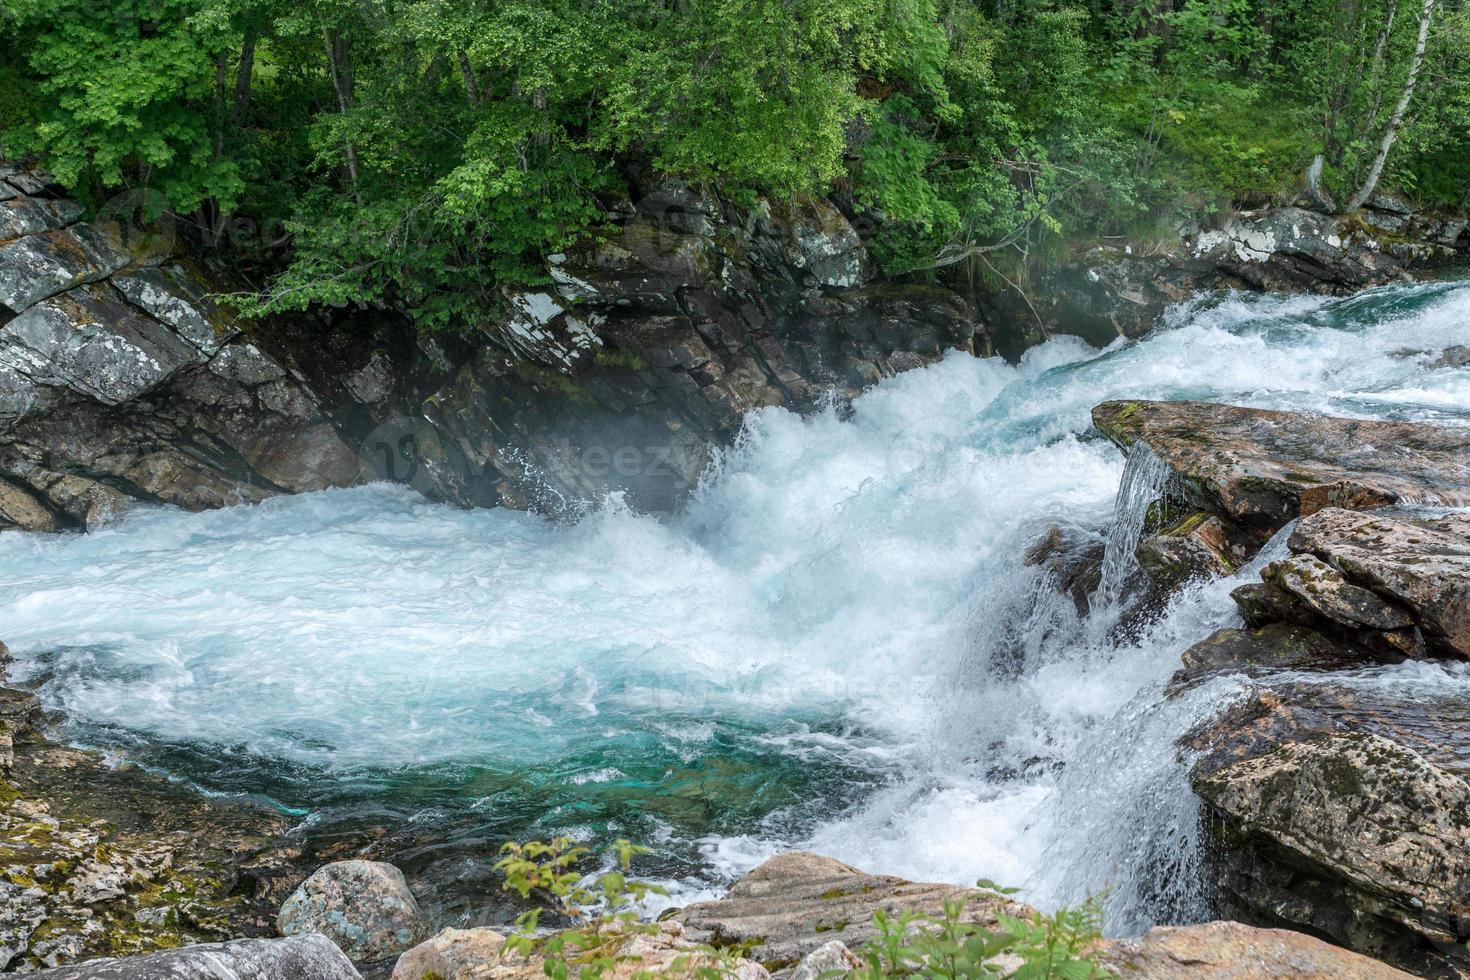 kreek in noorwegen met vers turkoois water dat door rotsen stroomt foto